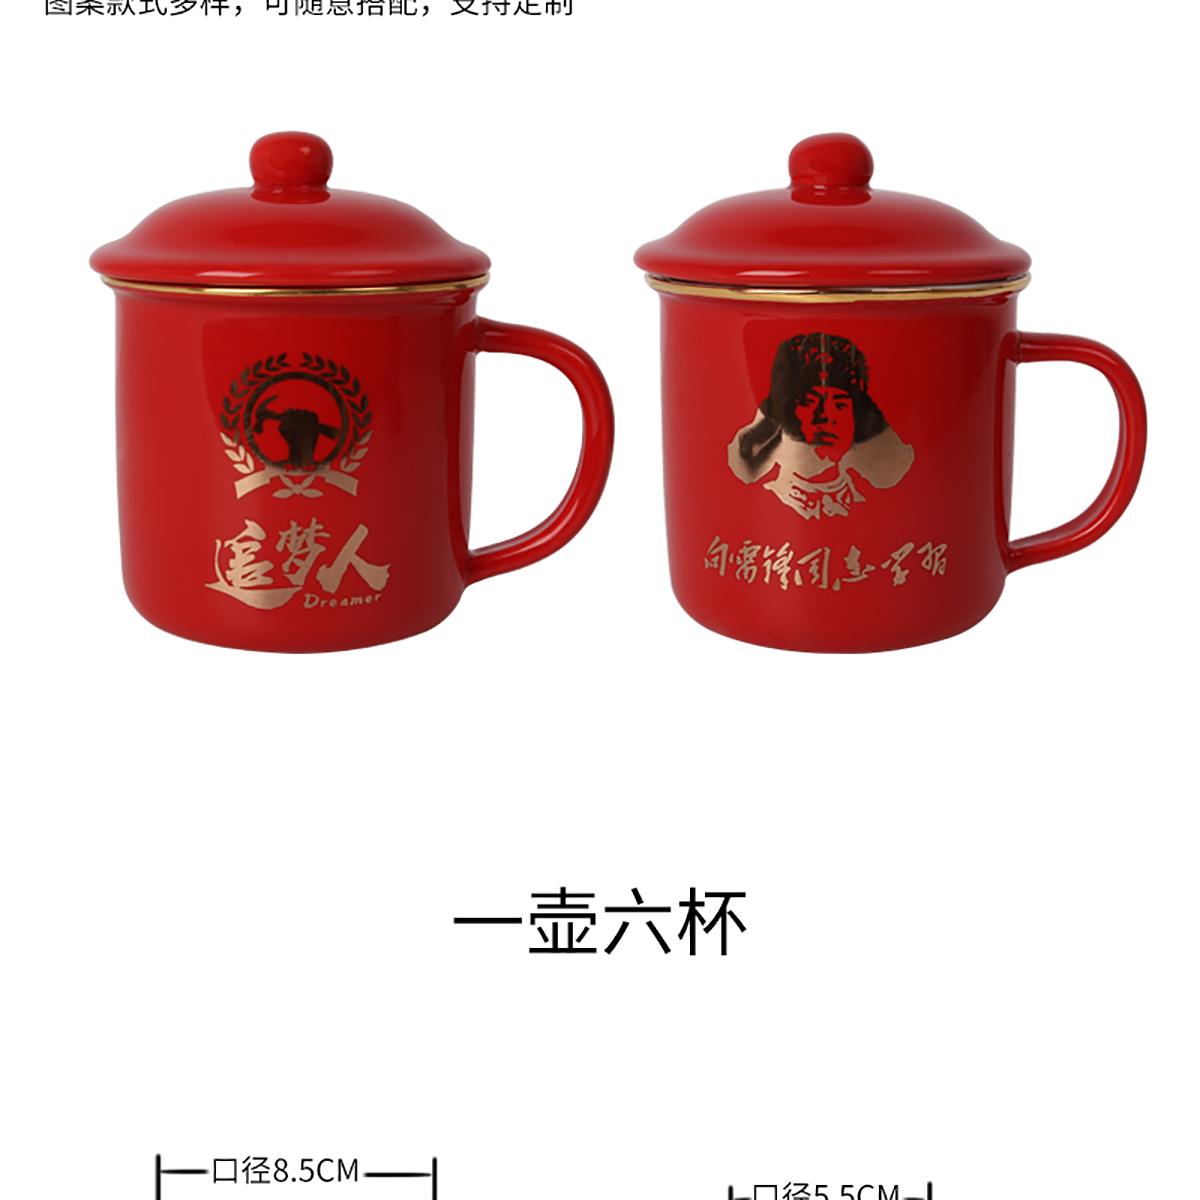 茶杯_07.png